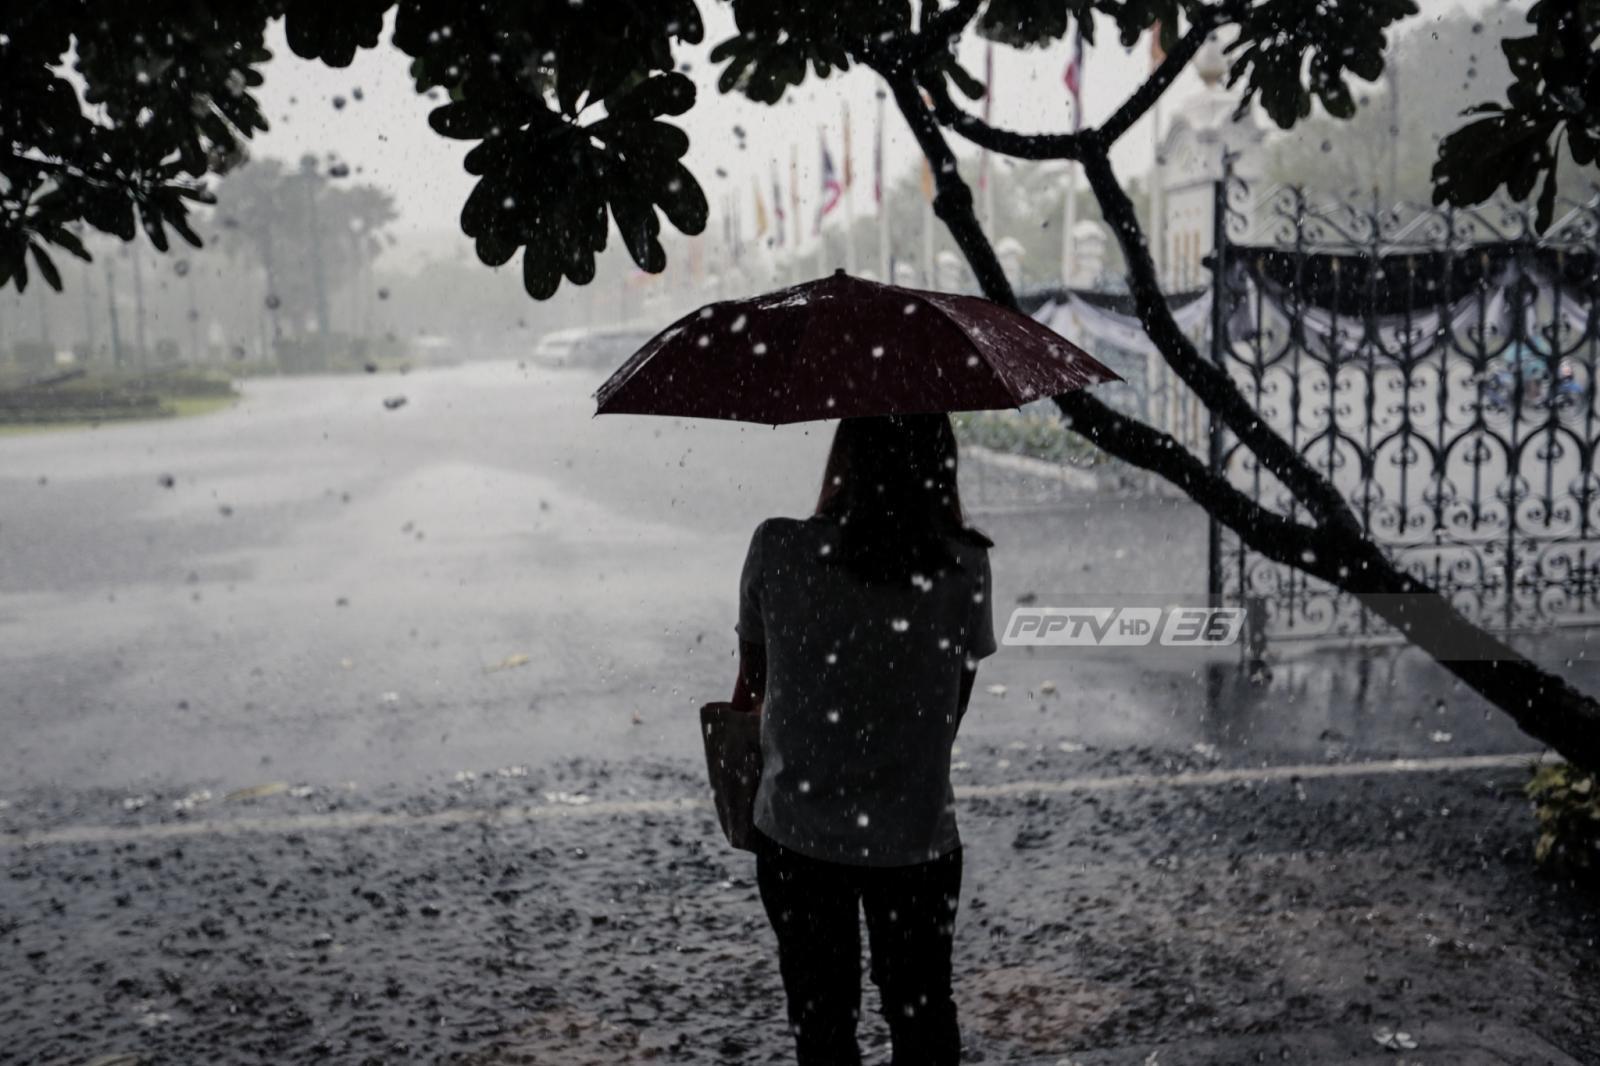 """พยากรณ์อากาศ 24 ชั่วโมงข้างหน้า """"เหนือ-อีสาน-ตะวันออก"""" มีฝนตกหนักบางแห่ง"""